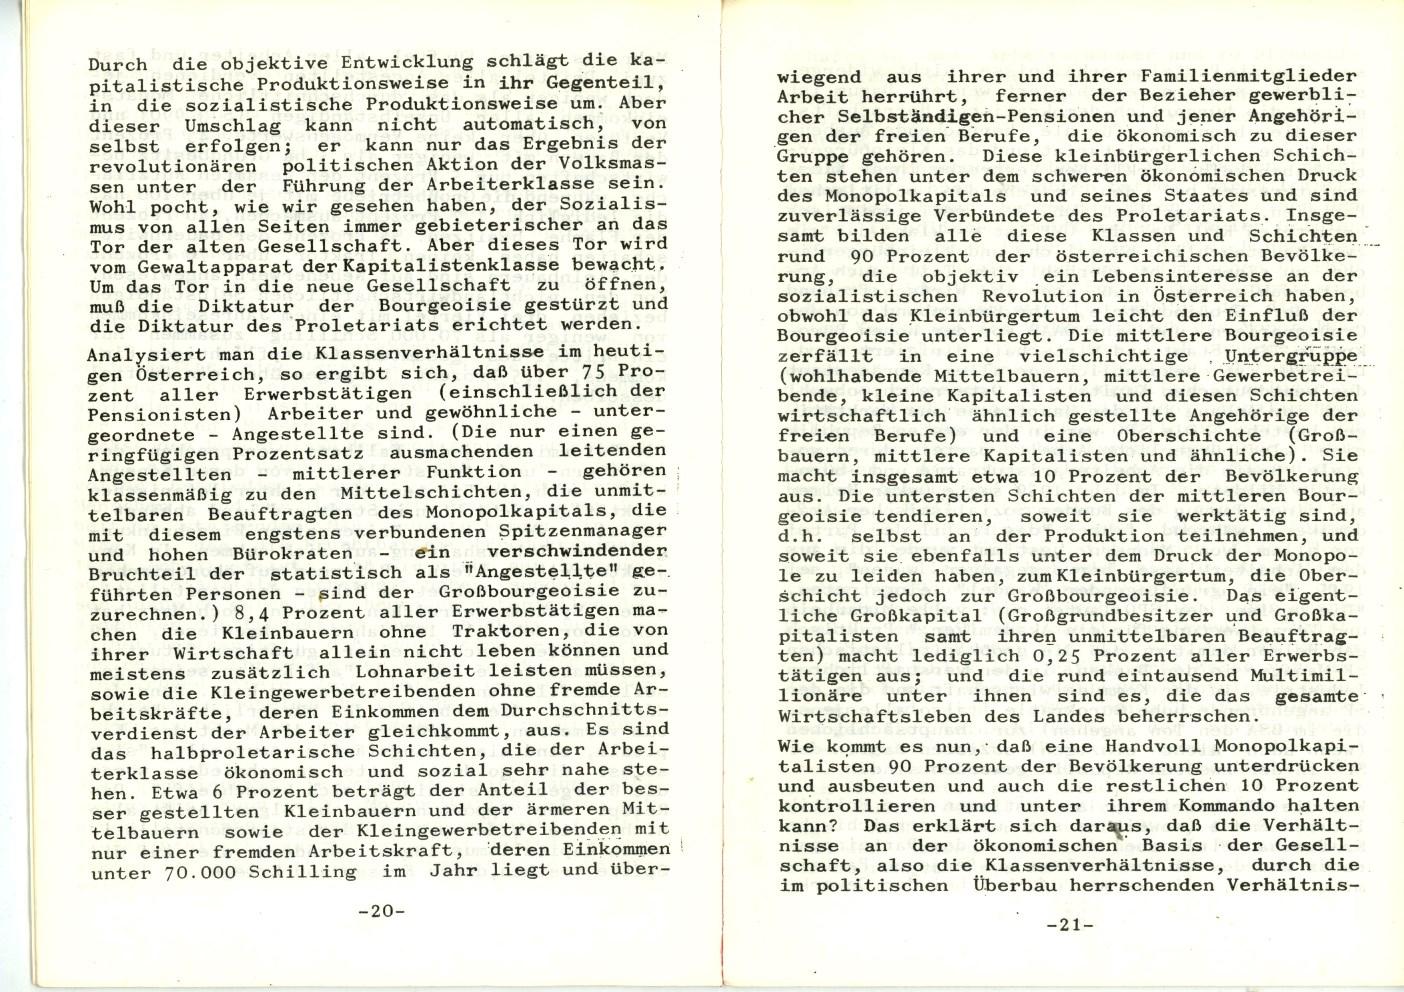 VRA_Grundsatzerklaerung_1971_12